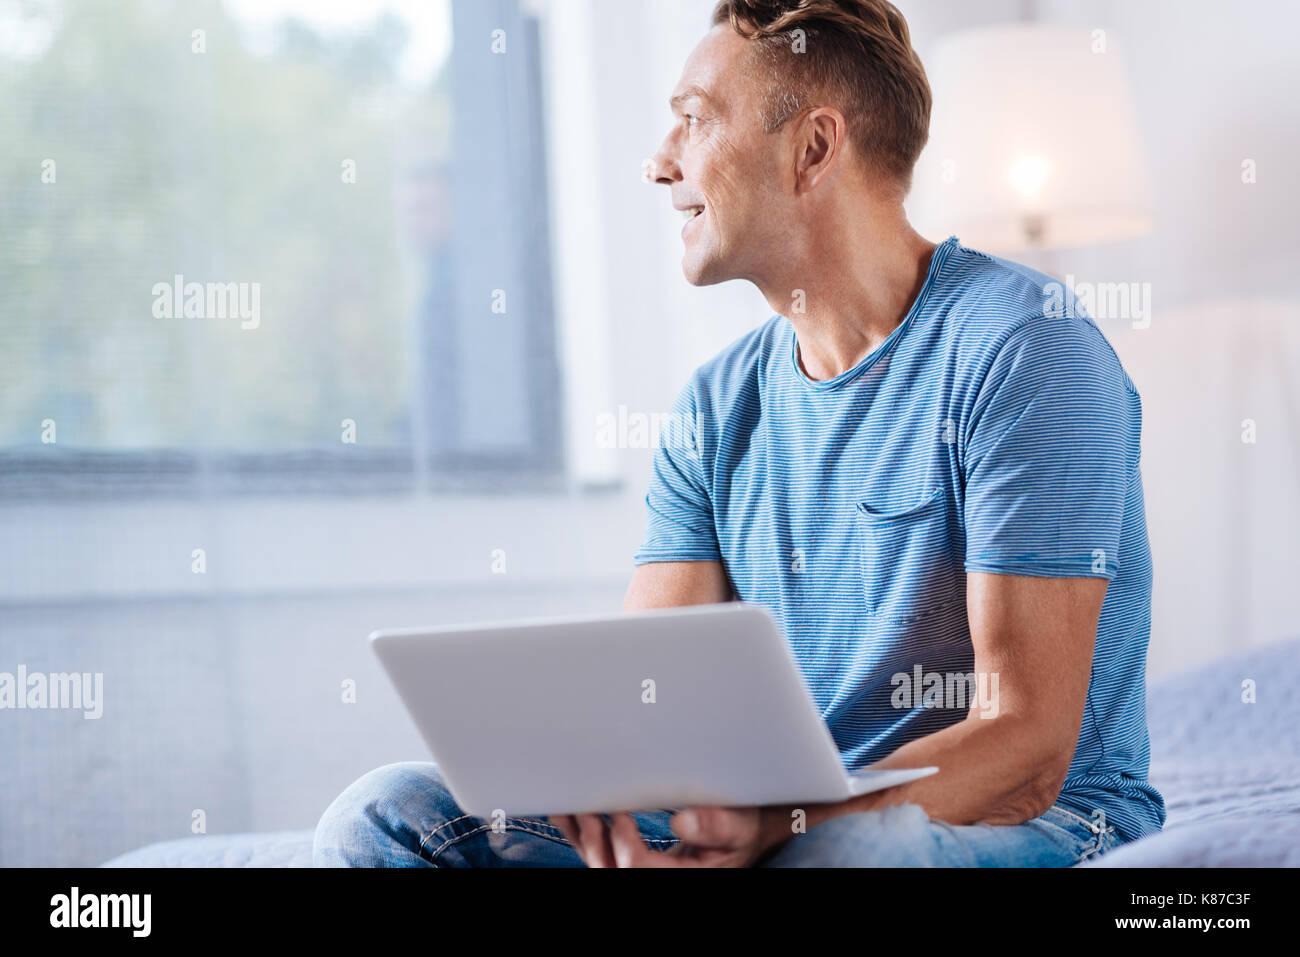 Hombre alegre celebración portátil y mirando hacia la ventana Imagen De Stock